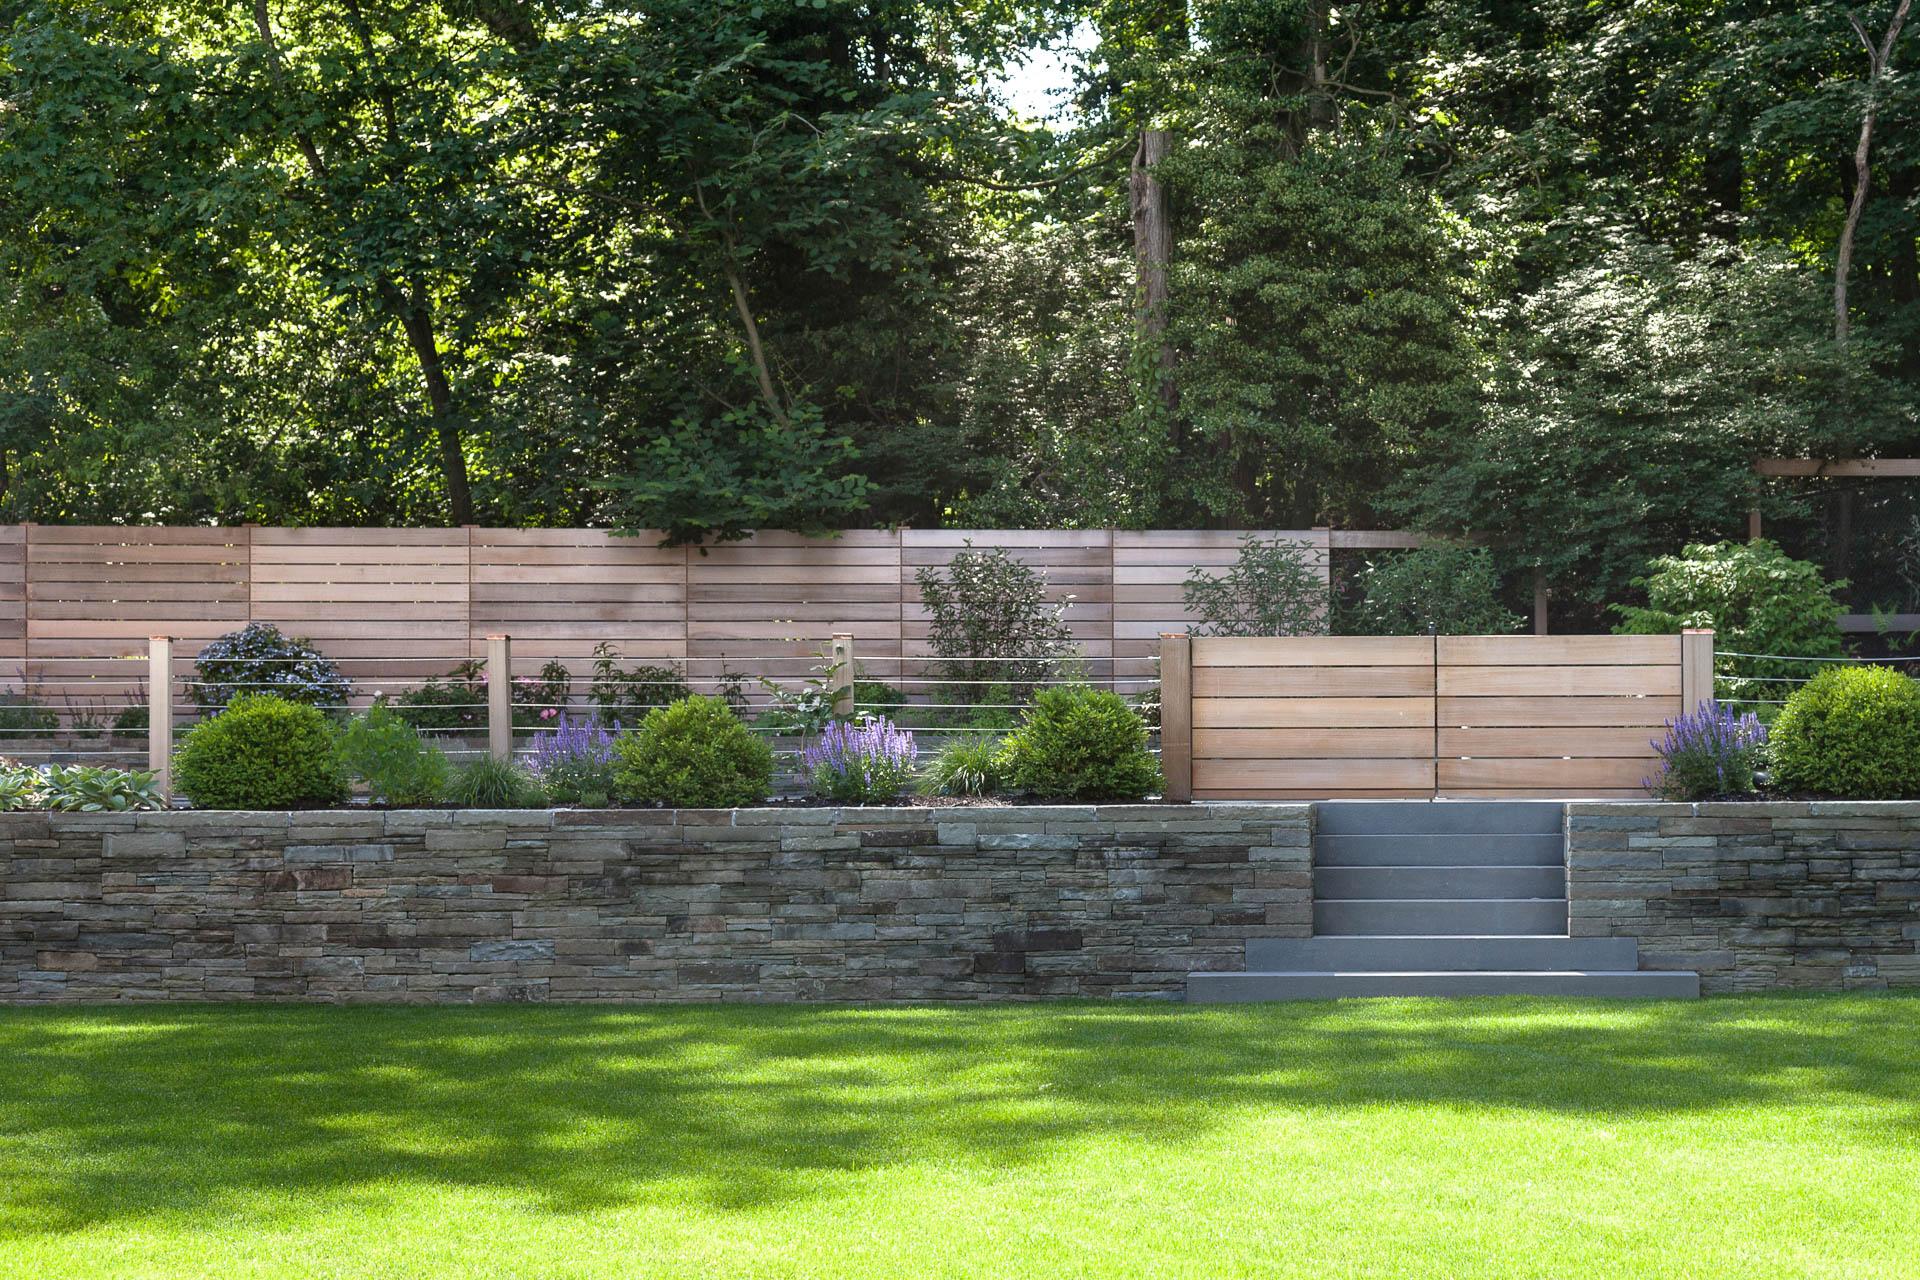 Valentine park matthew cunningham landscape design llc for Park landscape design